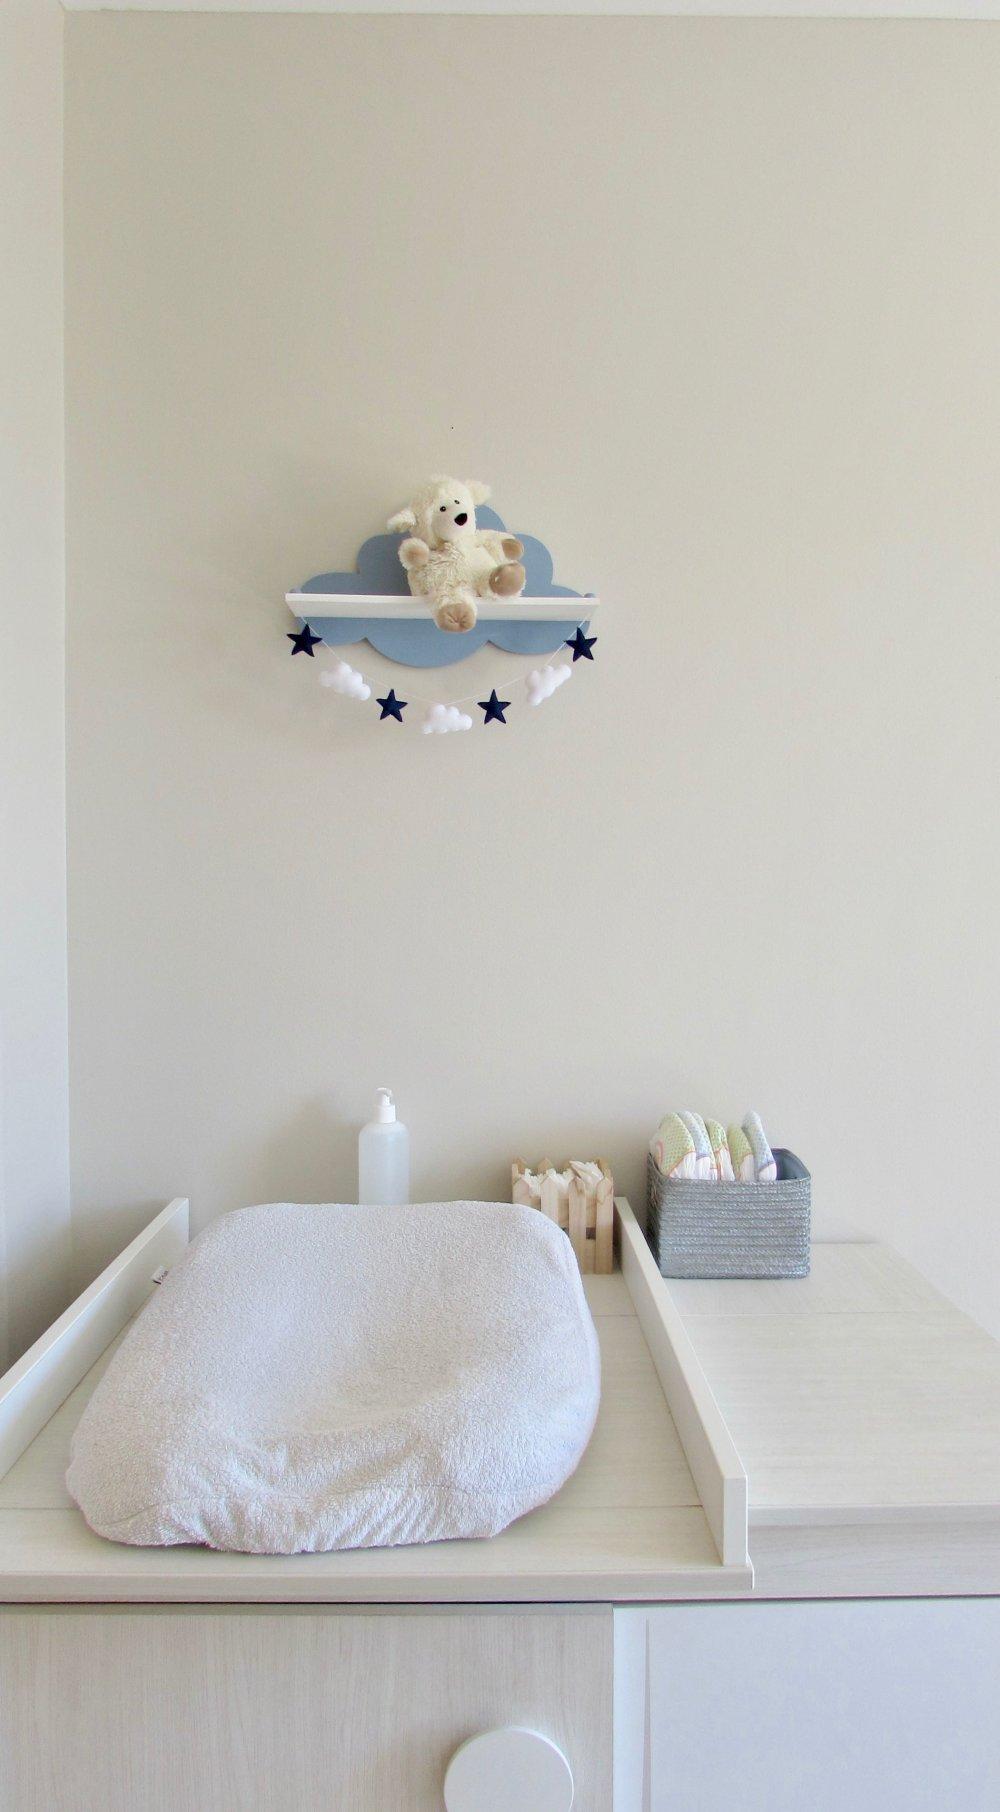 Étagère nuage bleue/ décoration chambre d'enfant